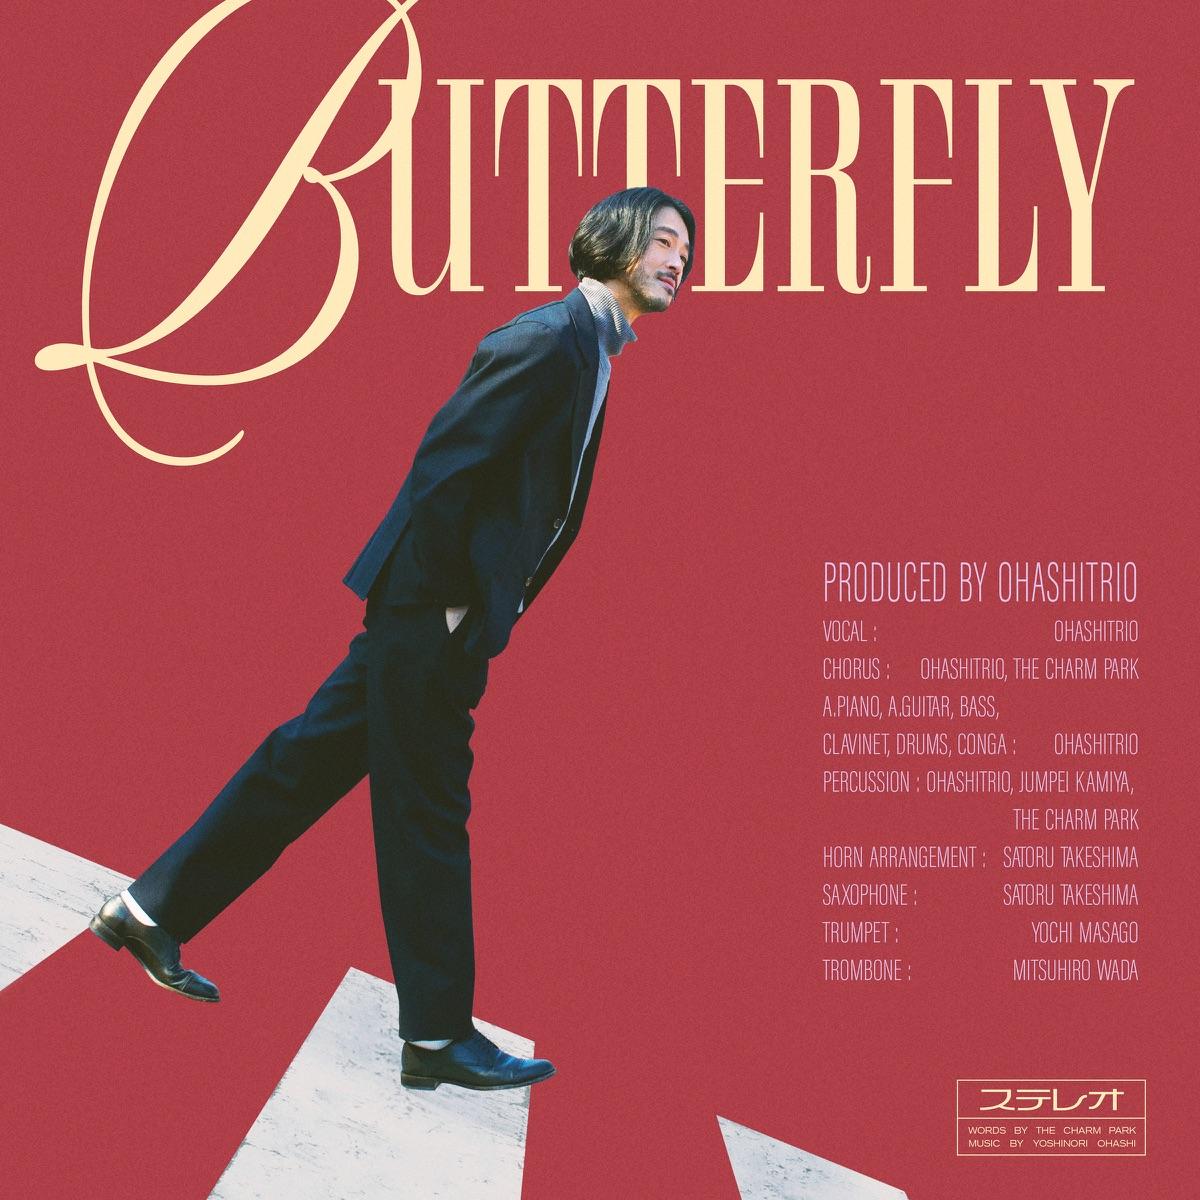 『大橋トリオ - Butterfly 歌詞』収録の『Butterfly』ジャケット